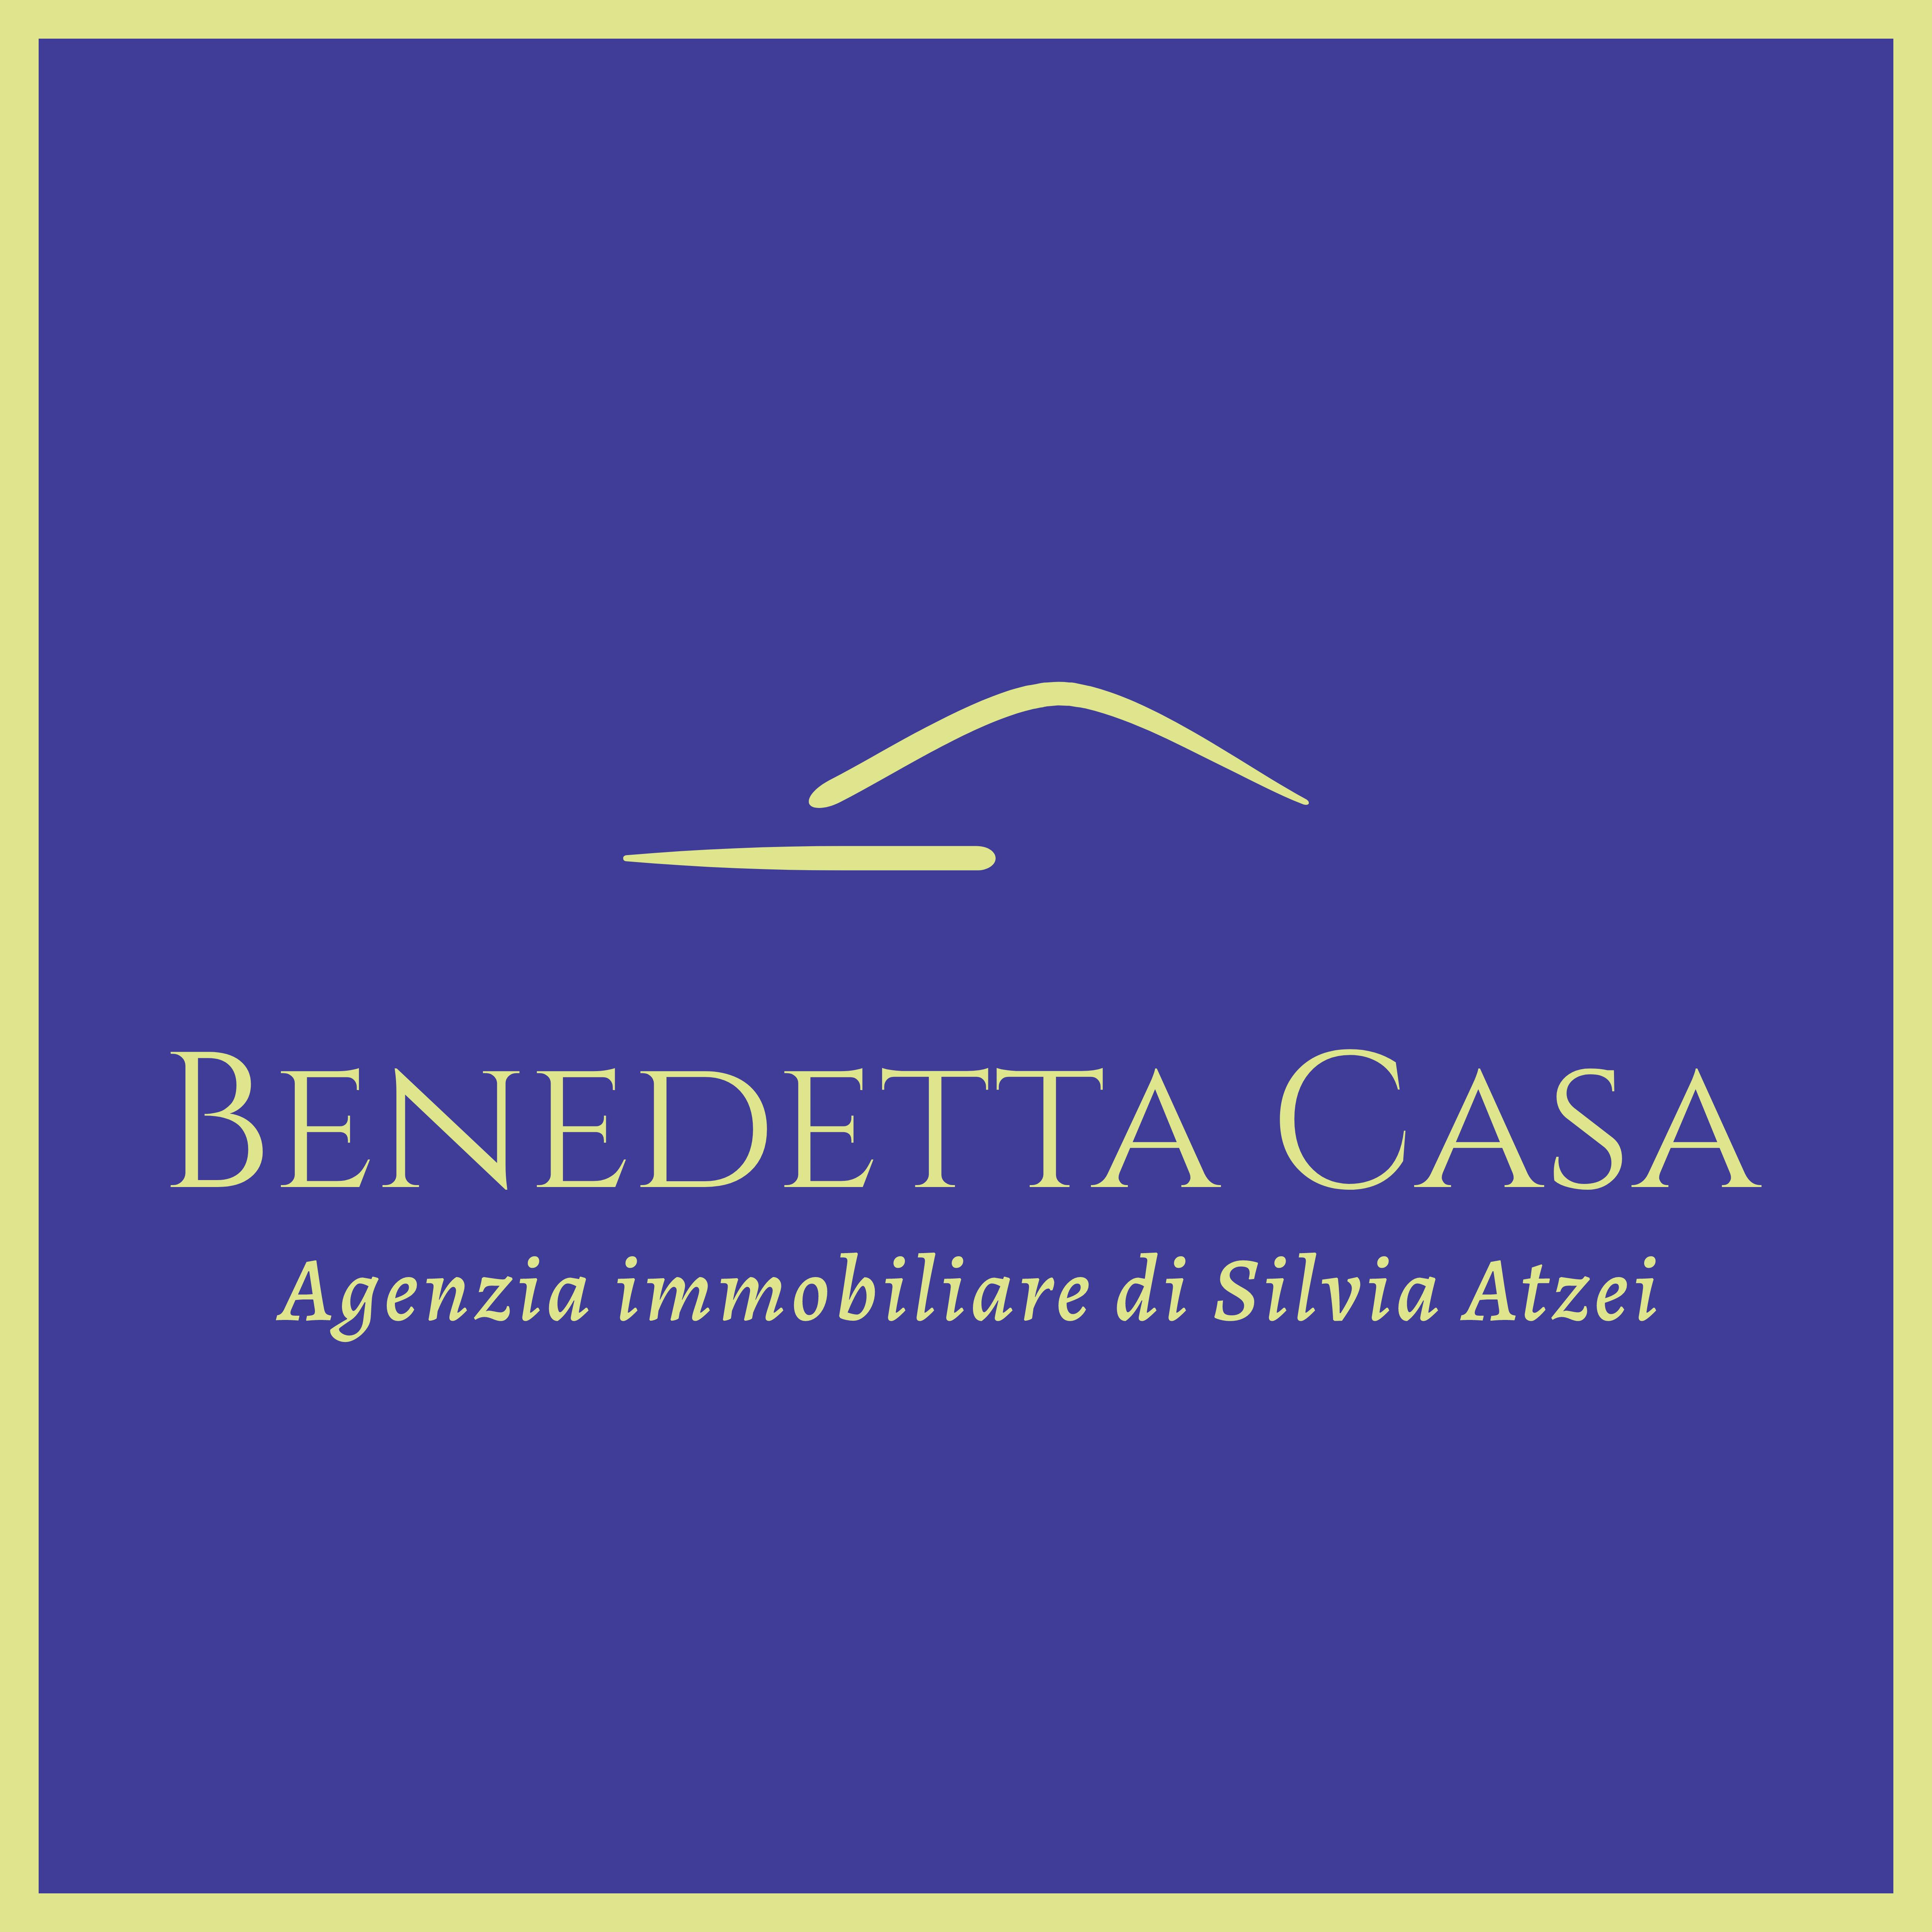 logo BENEDETTA CASA Immobiliare